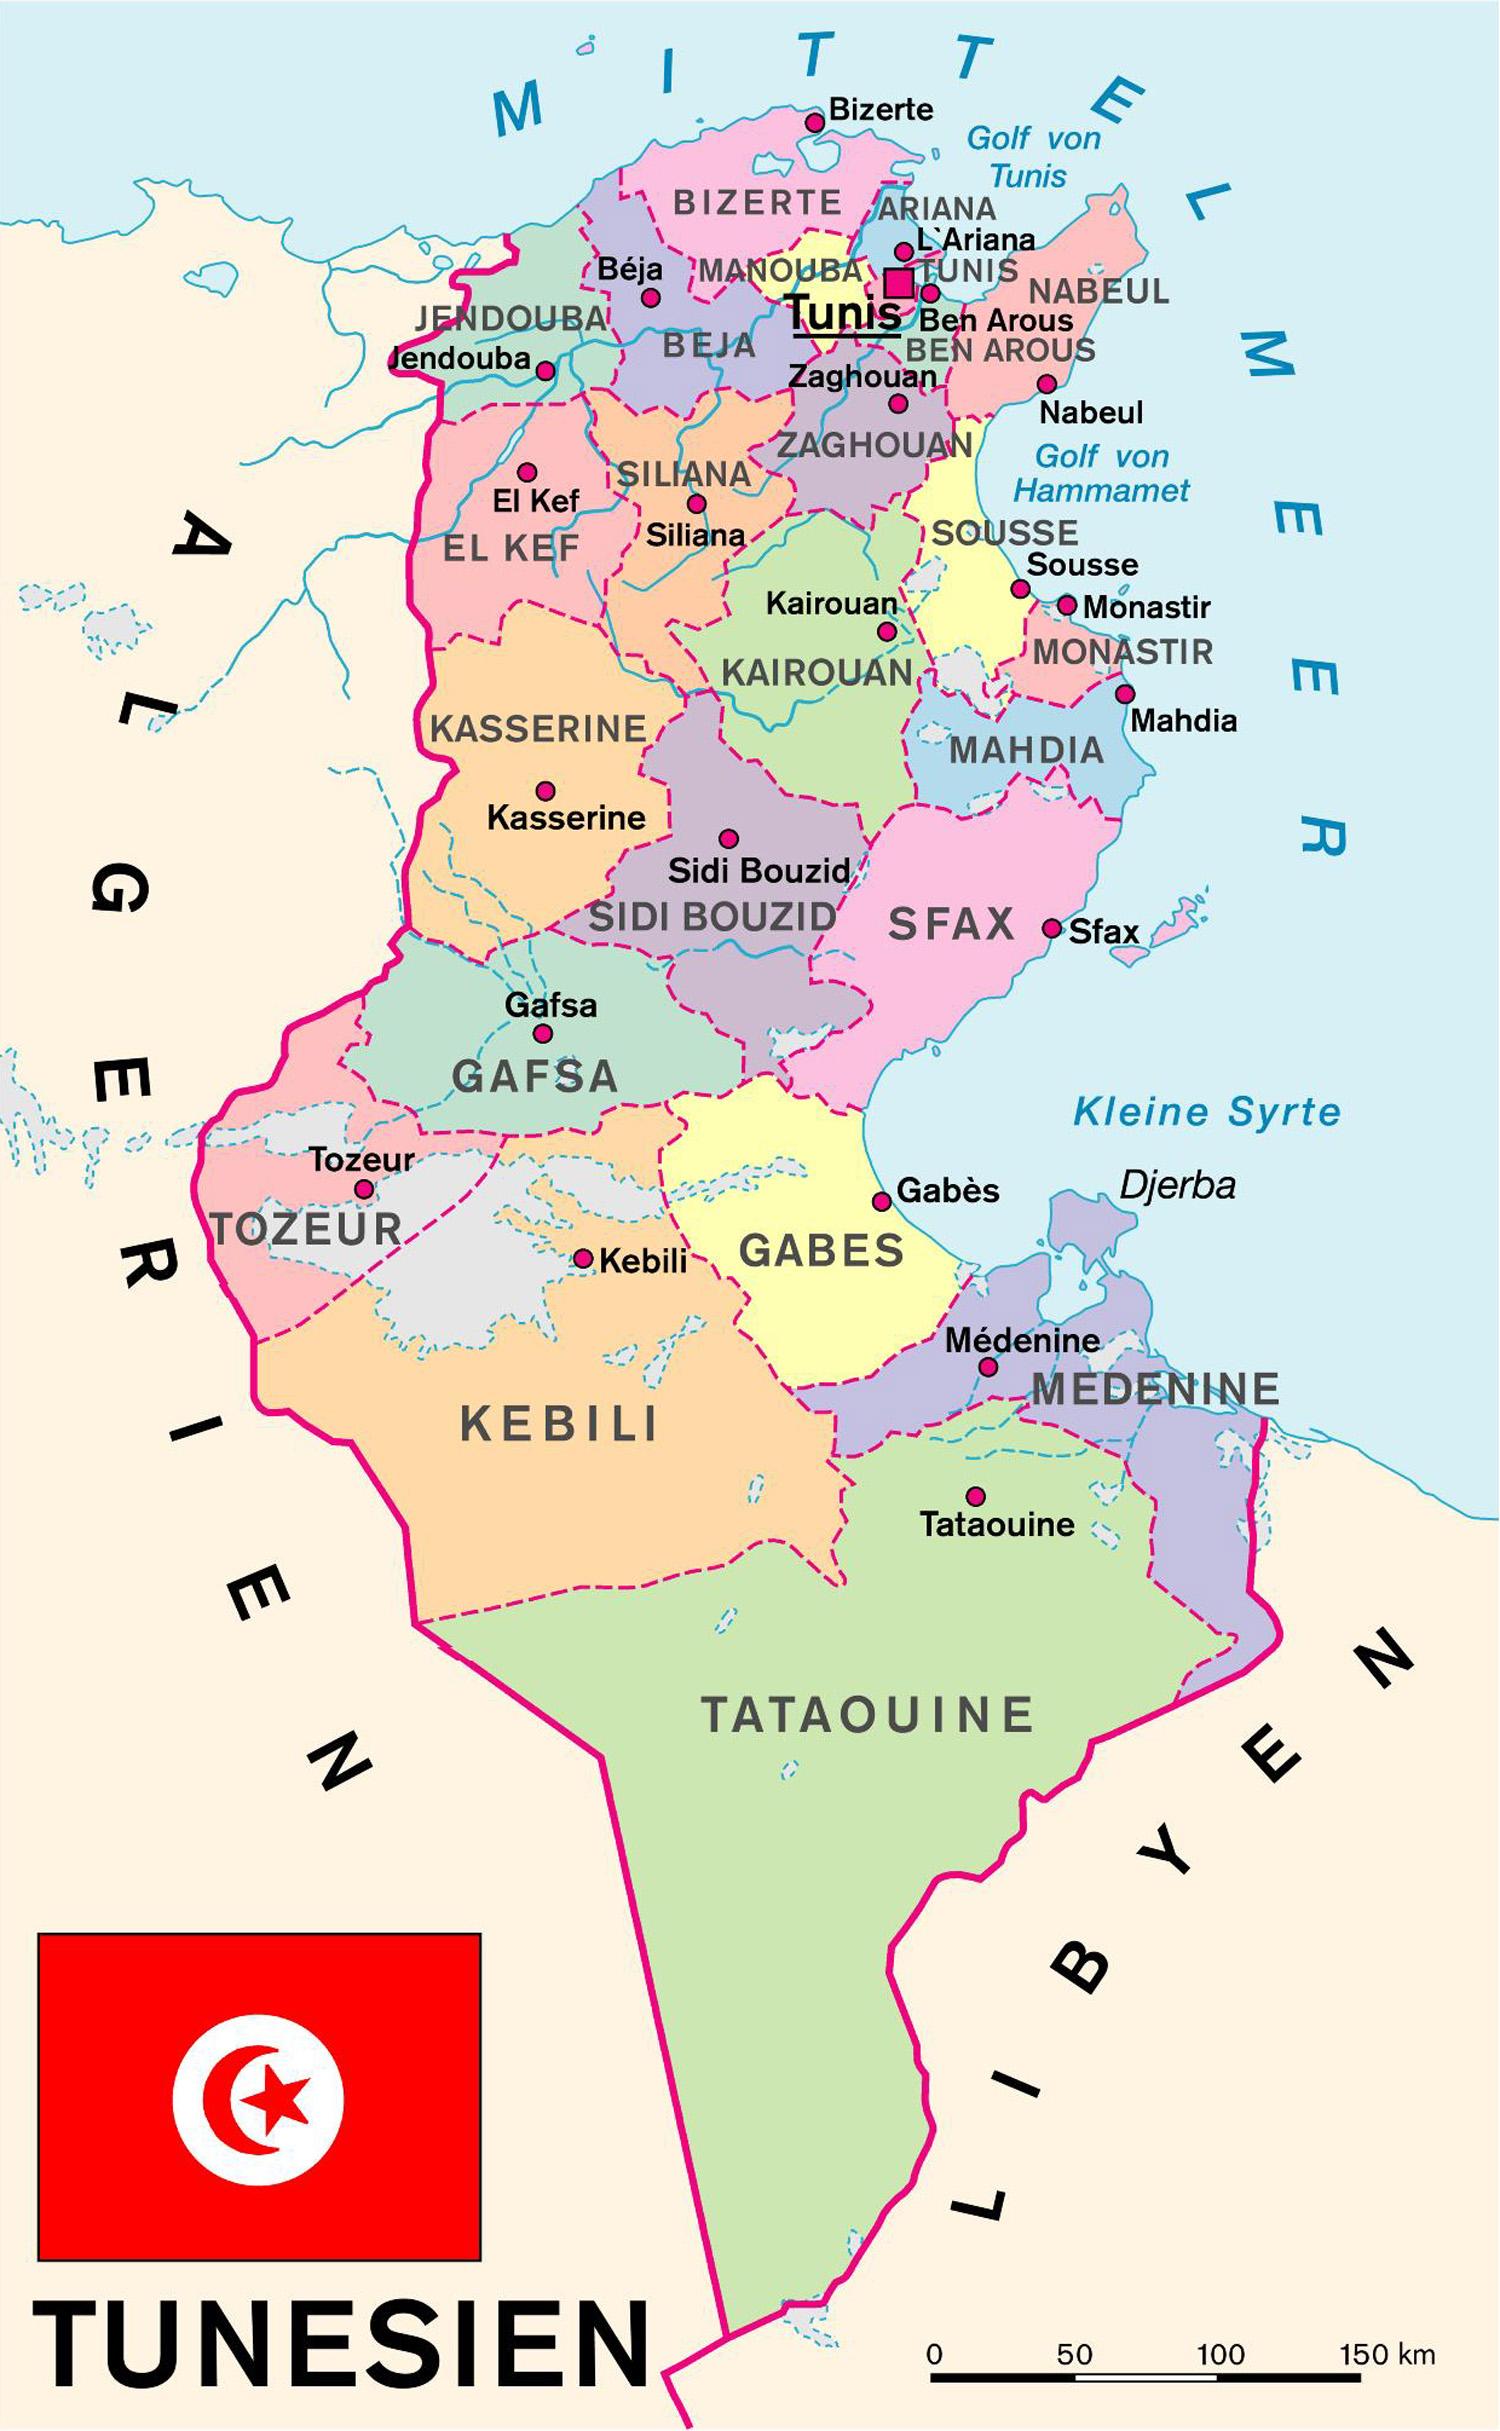 Tunesien Karte.Tunesien Kooperation International Forschung Wissen